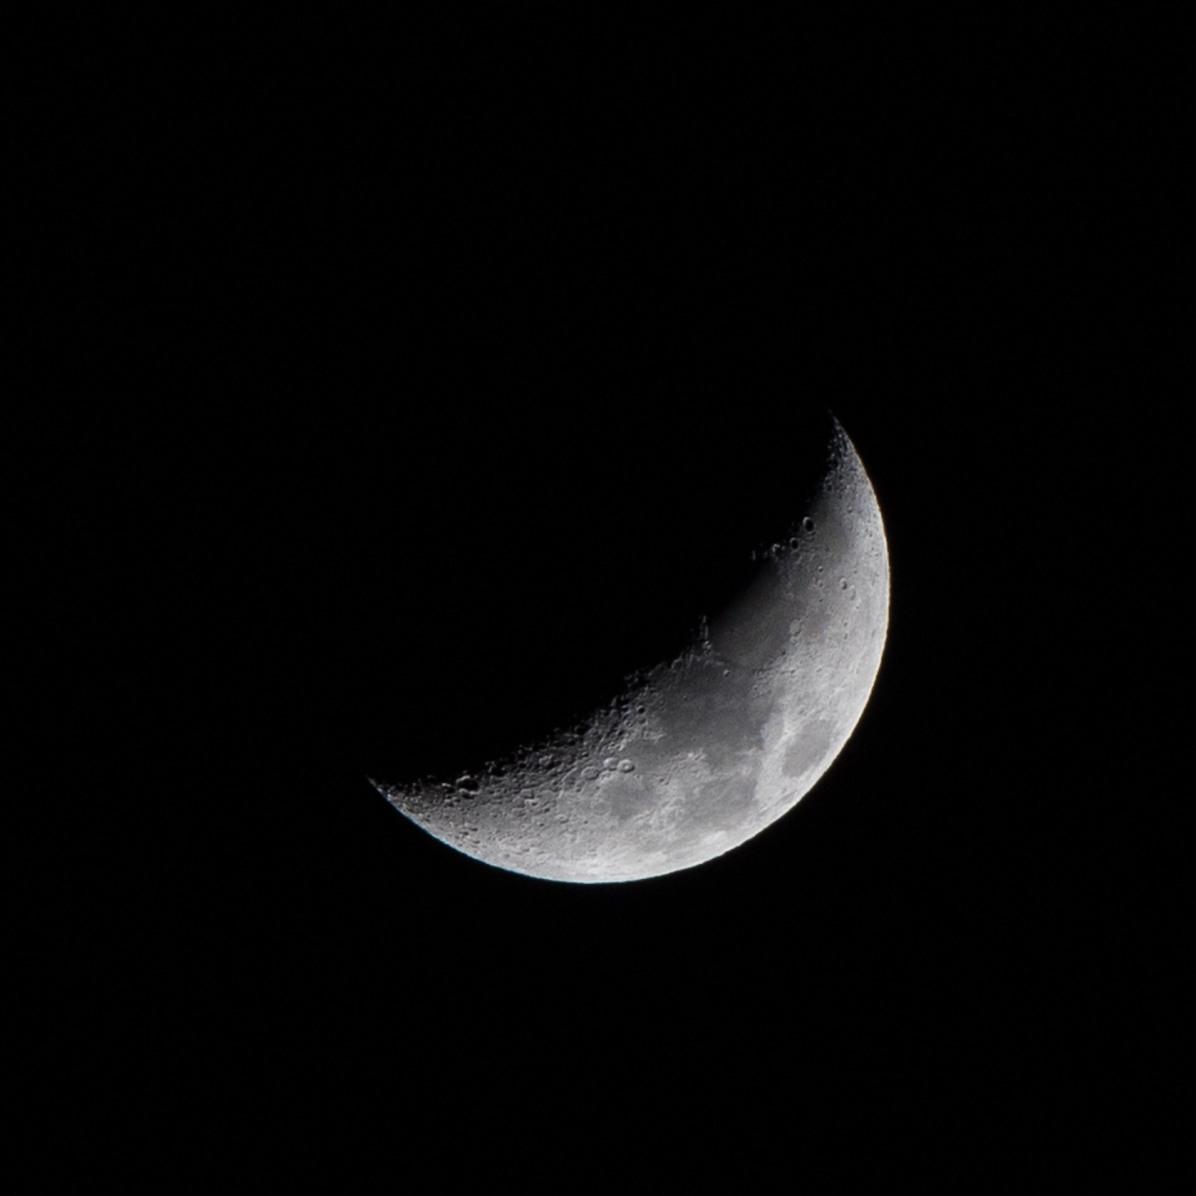 Nieuwe maan, dag 22 vanaf volle maan. 12-03-2019 Tijdstip: 22.10 uur Maanopkomst 09.41 Maanondergang --.-- (Maan 22)